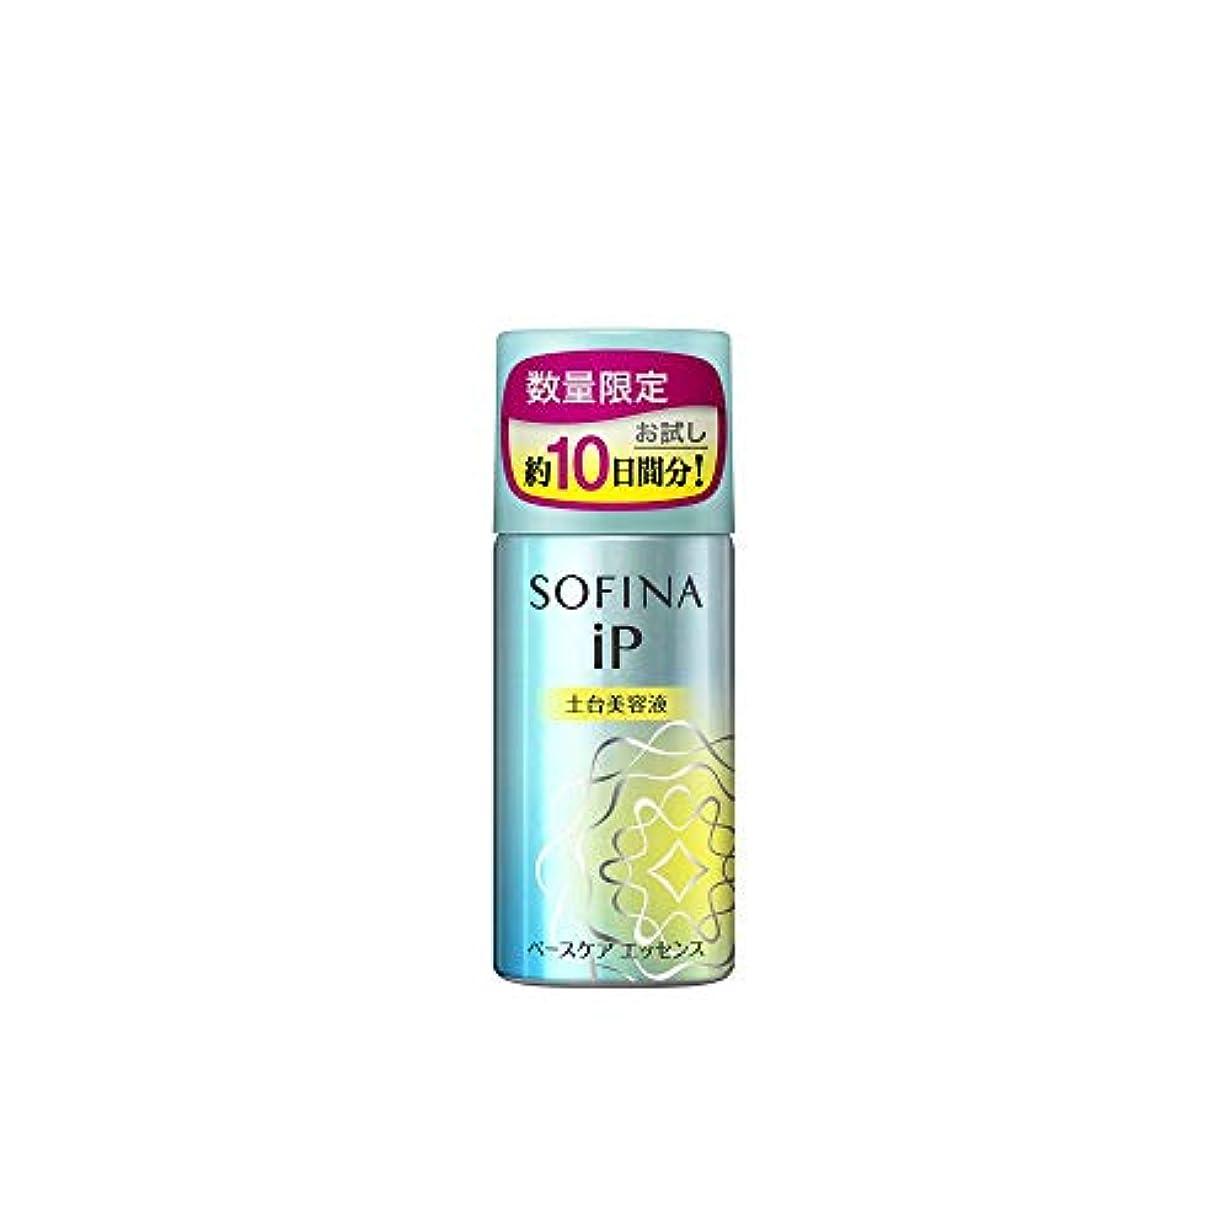 種類アーティストジョリーソフィーナ iP(アイピー) ベースケア エッセンス 30g 土台美容液